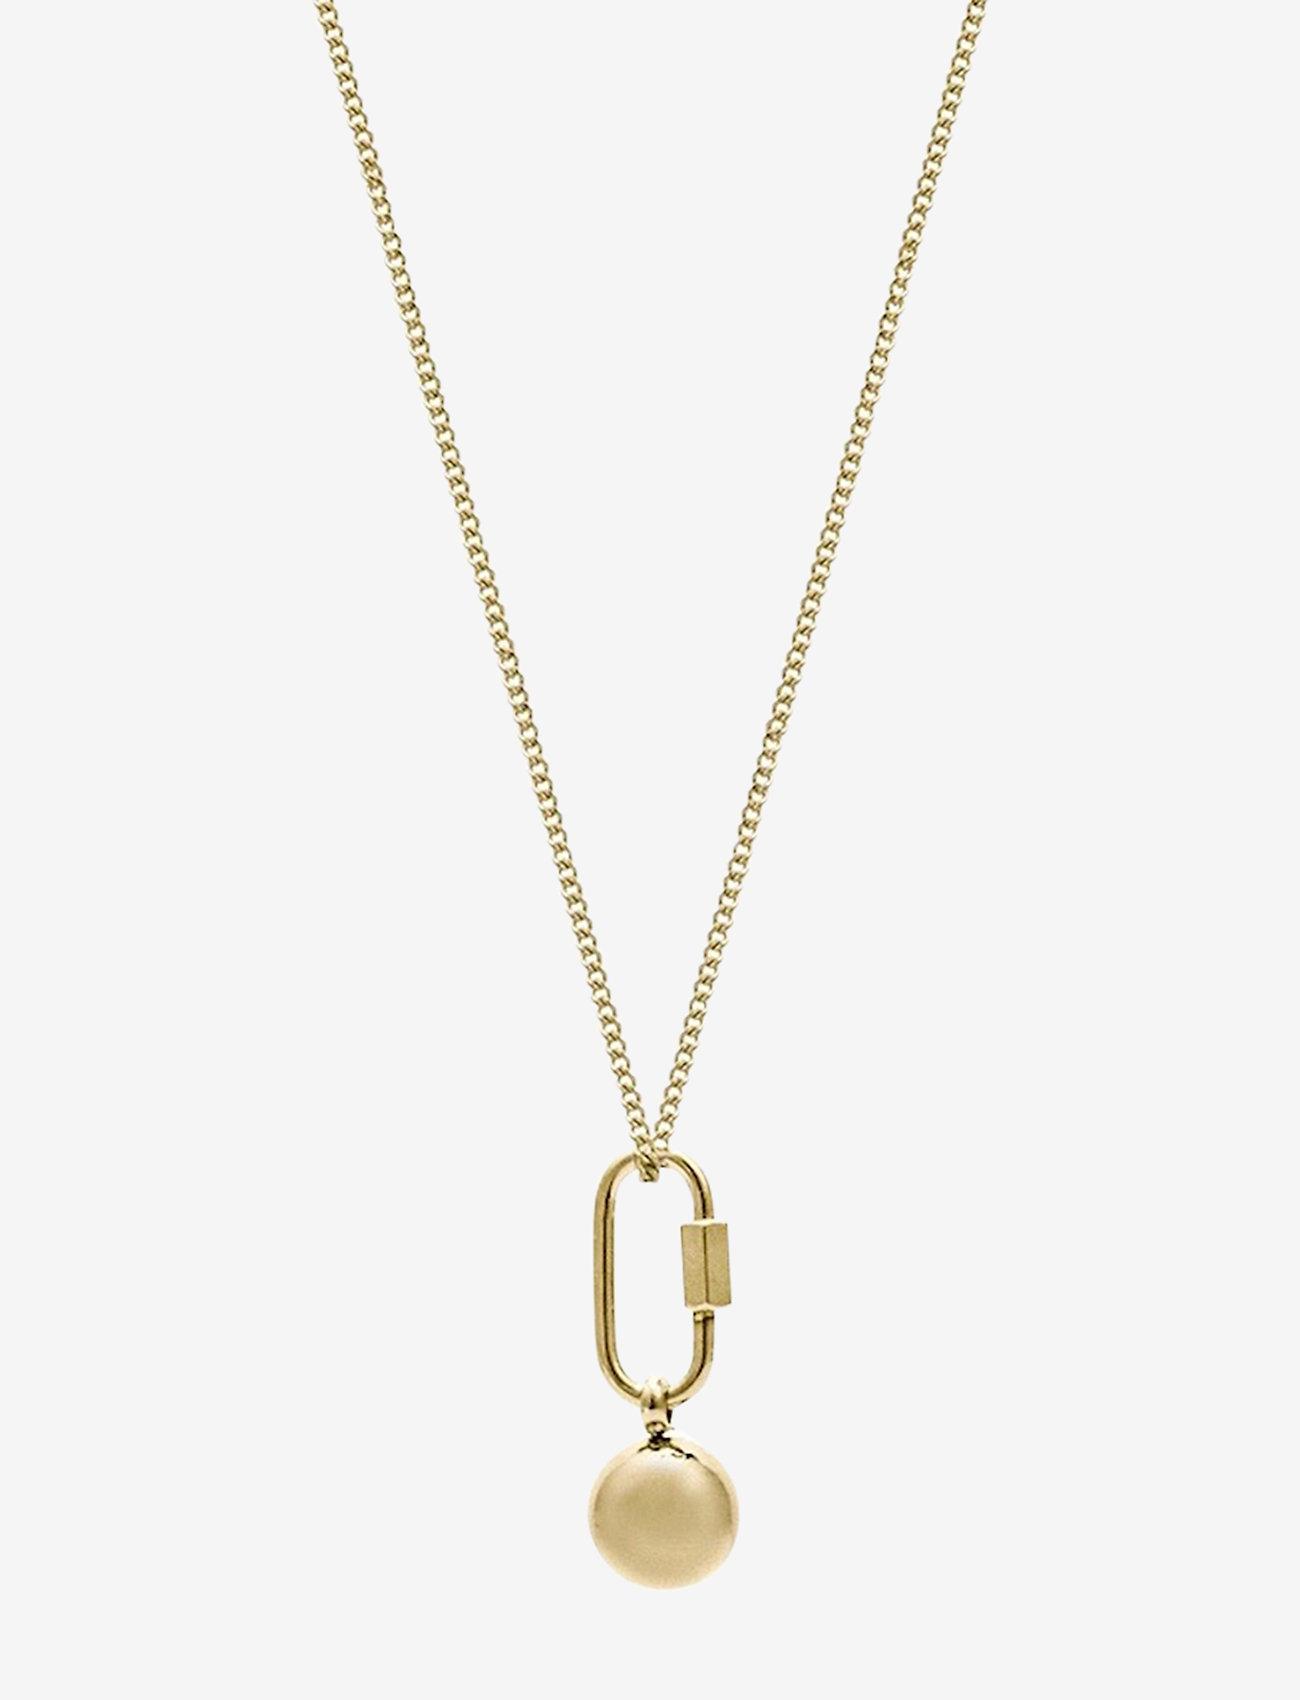 Bud to rose - Nova Long Necklace Gold - kettingen met hanger - gold - 0